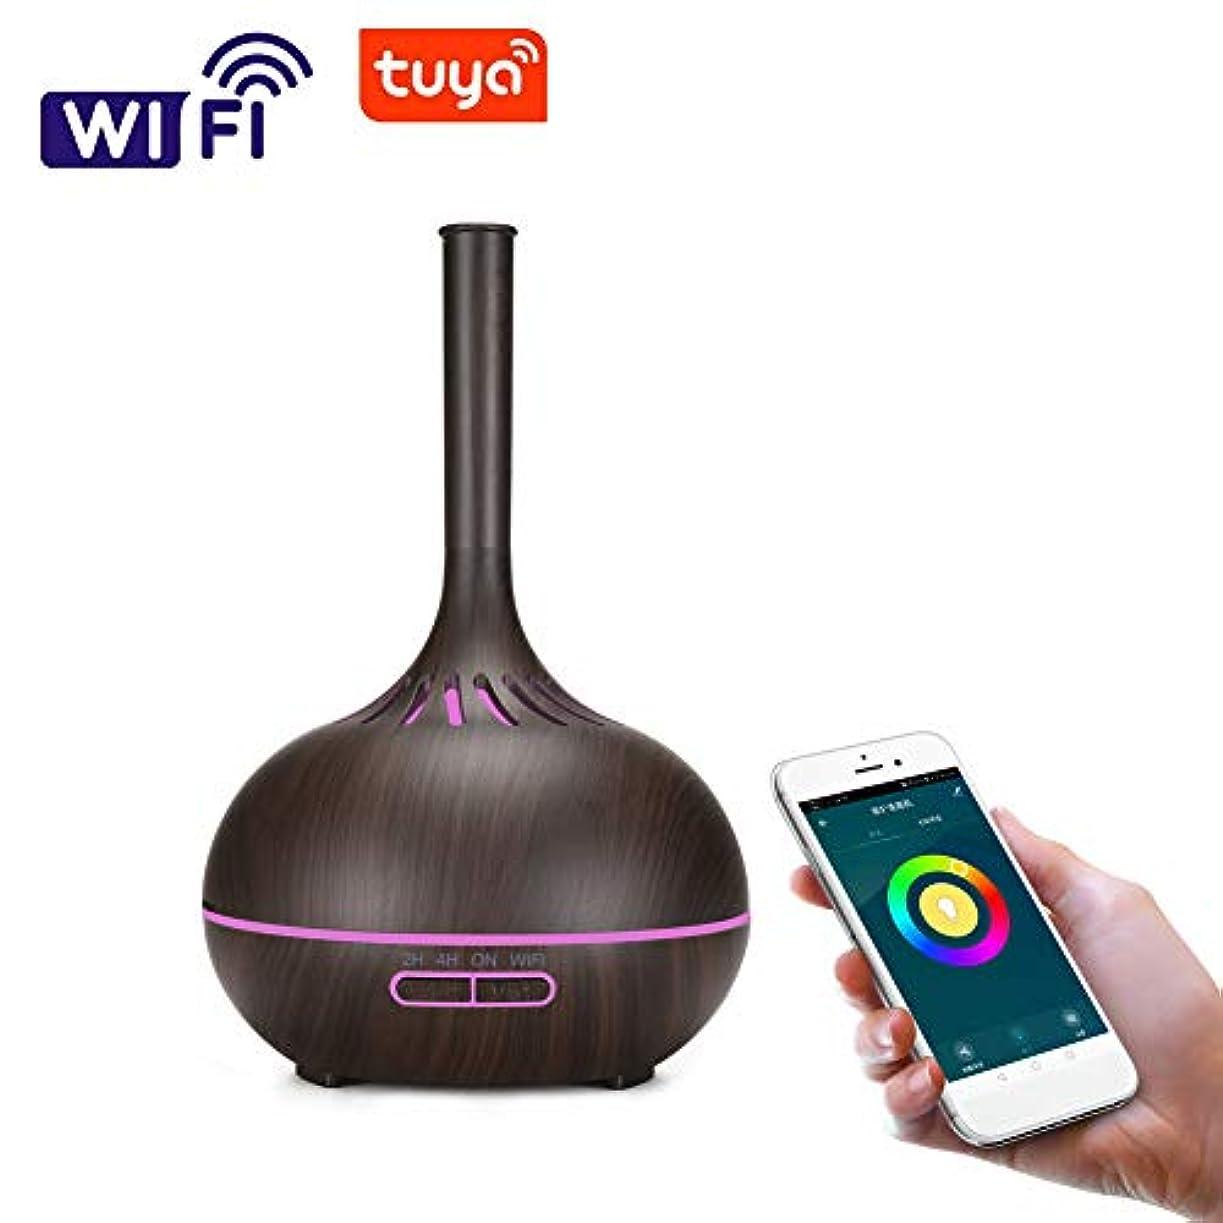 不潔中絶どきどき木目 涼しい霧 超音波式 加湿器,wifi 7 色 香り 精油 ディフューザー 調整可能 空気加湿器 アロマネブライザー ホーム Yoga オフィス- 400ml